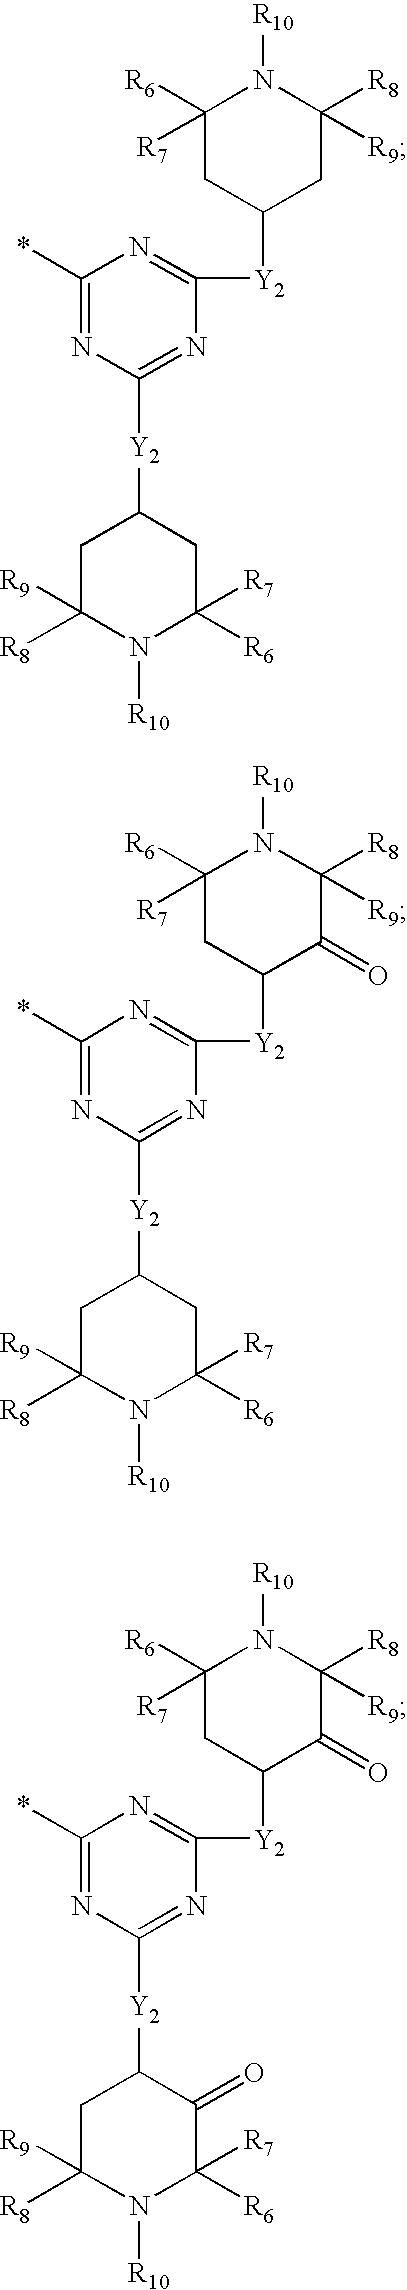 Figure US20040143041A1-20040722-C00007